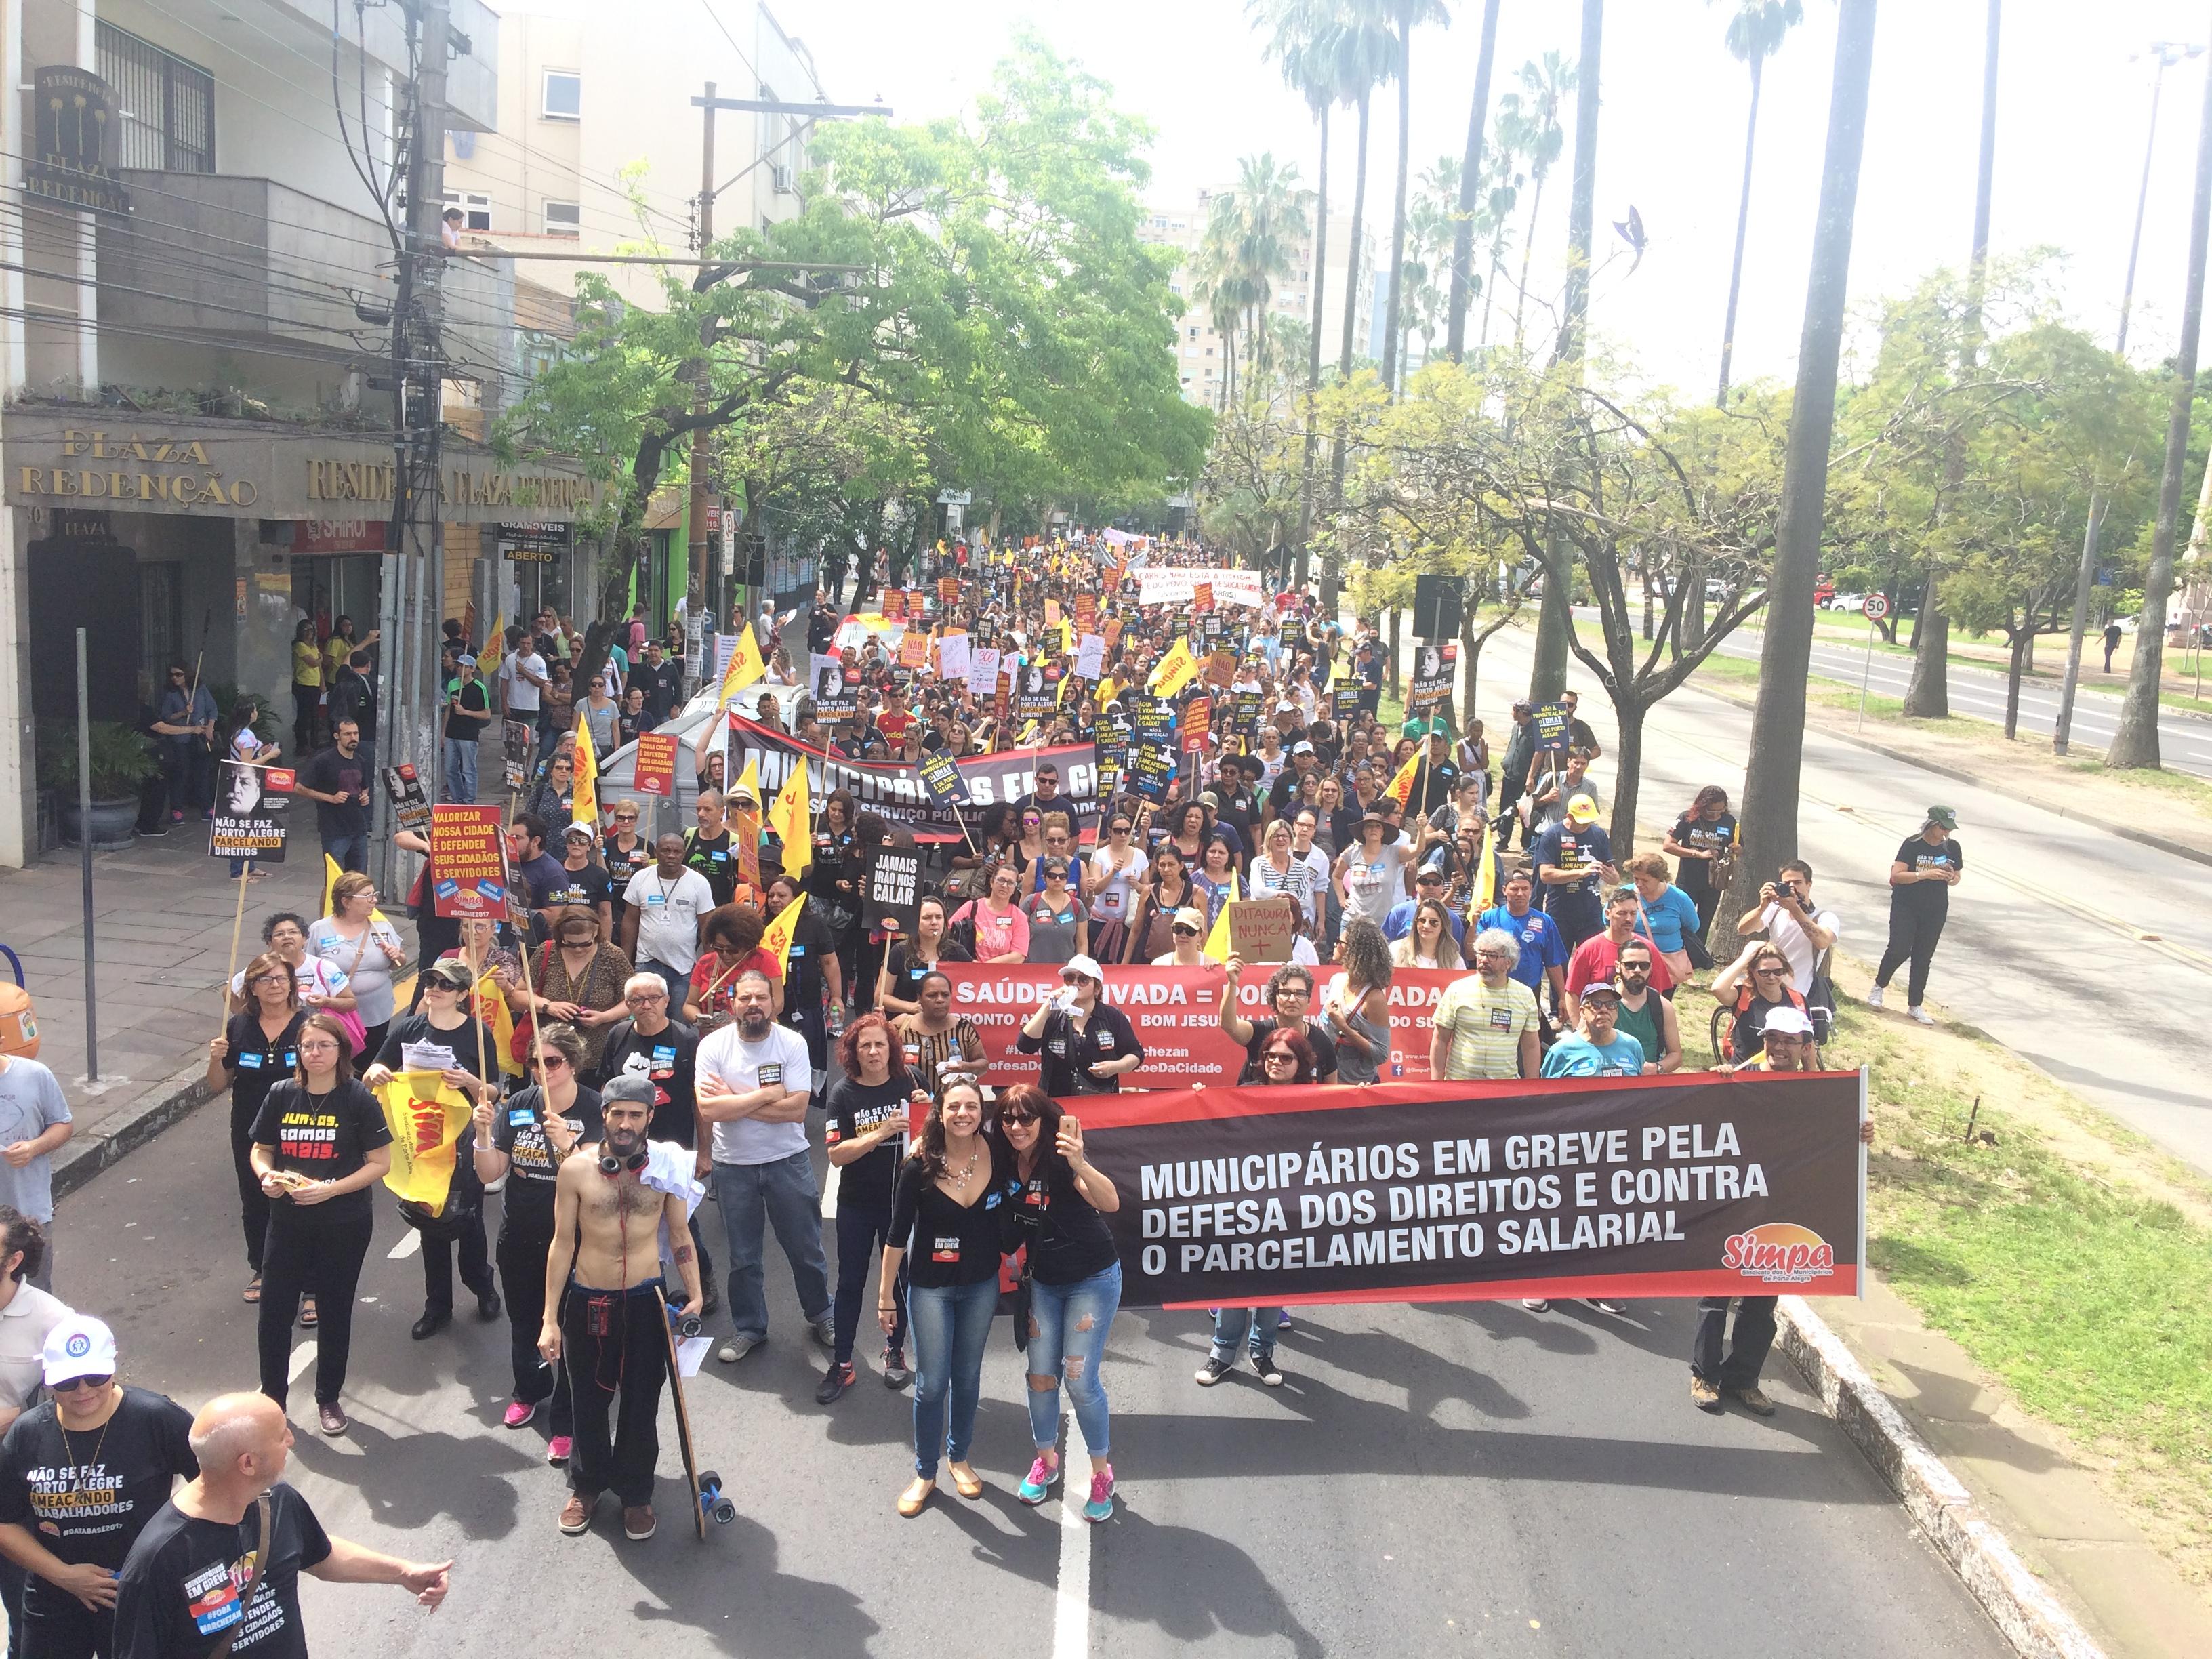 TRABALHADORES: defender os direitos sempre! Essa crise não é nossa!